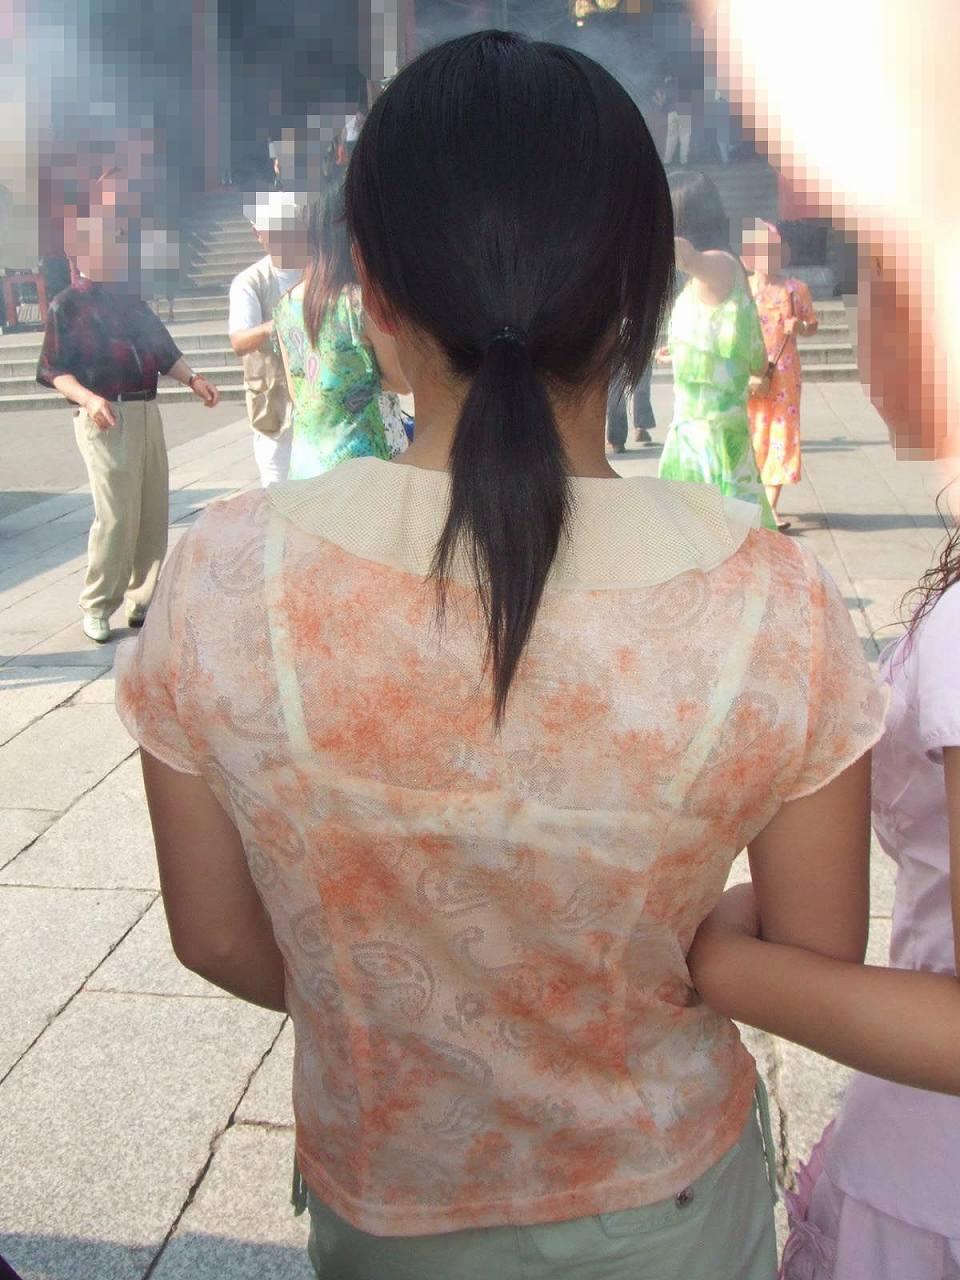 女性の背後から近づいて透けブラを激写!